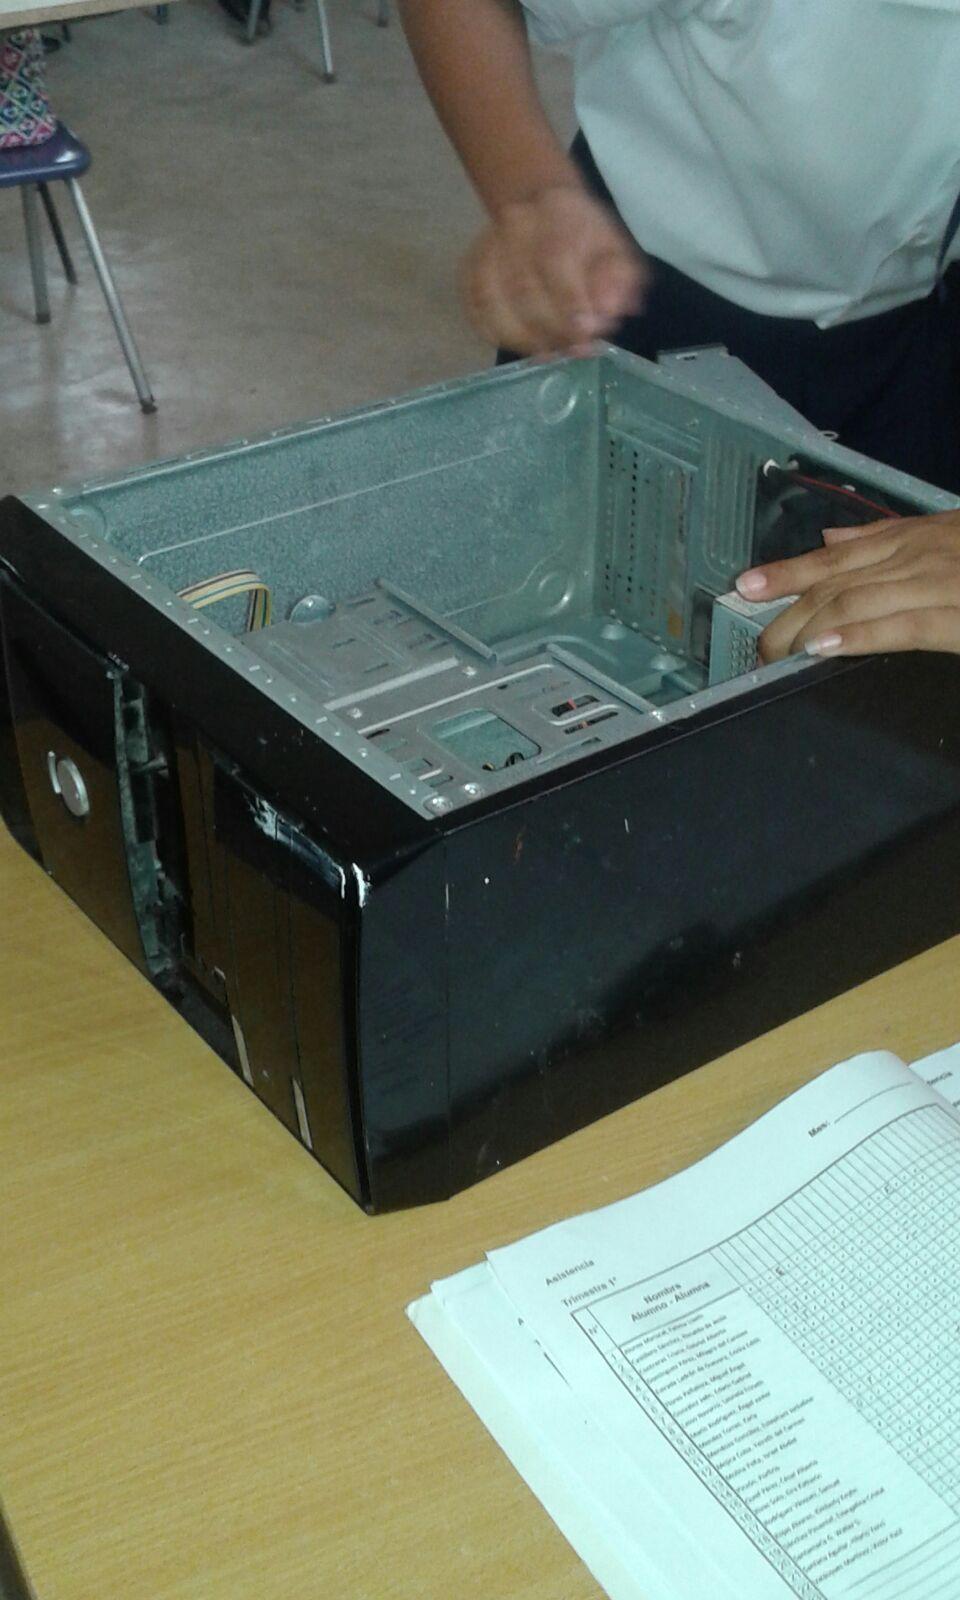 es la estructura metálica o plástica, cuya función consiste en albergar y proteger los componentes internos como la unidad central de procesamiento (CPU), la memoria de acceso aleatorio (RAM), la placa madre, la fuente de alimentación,